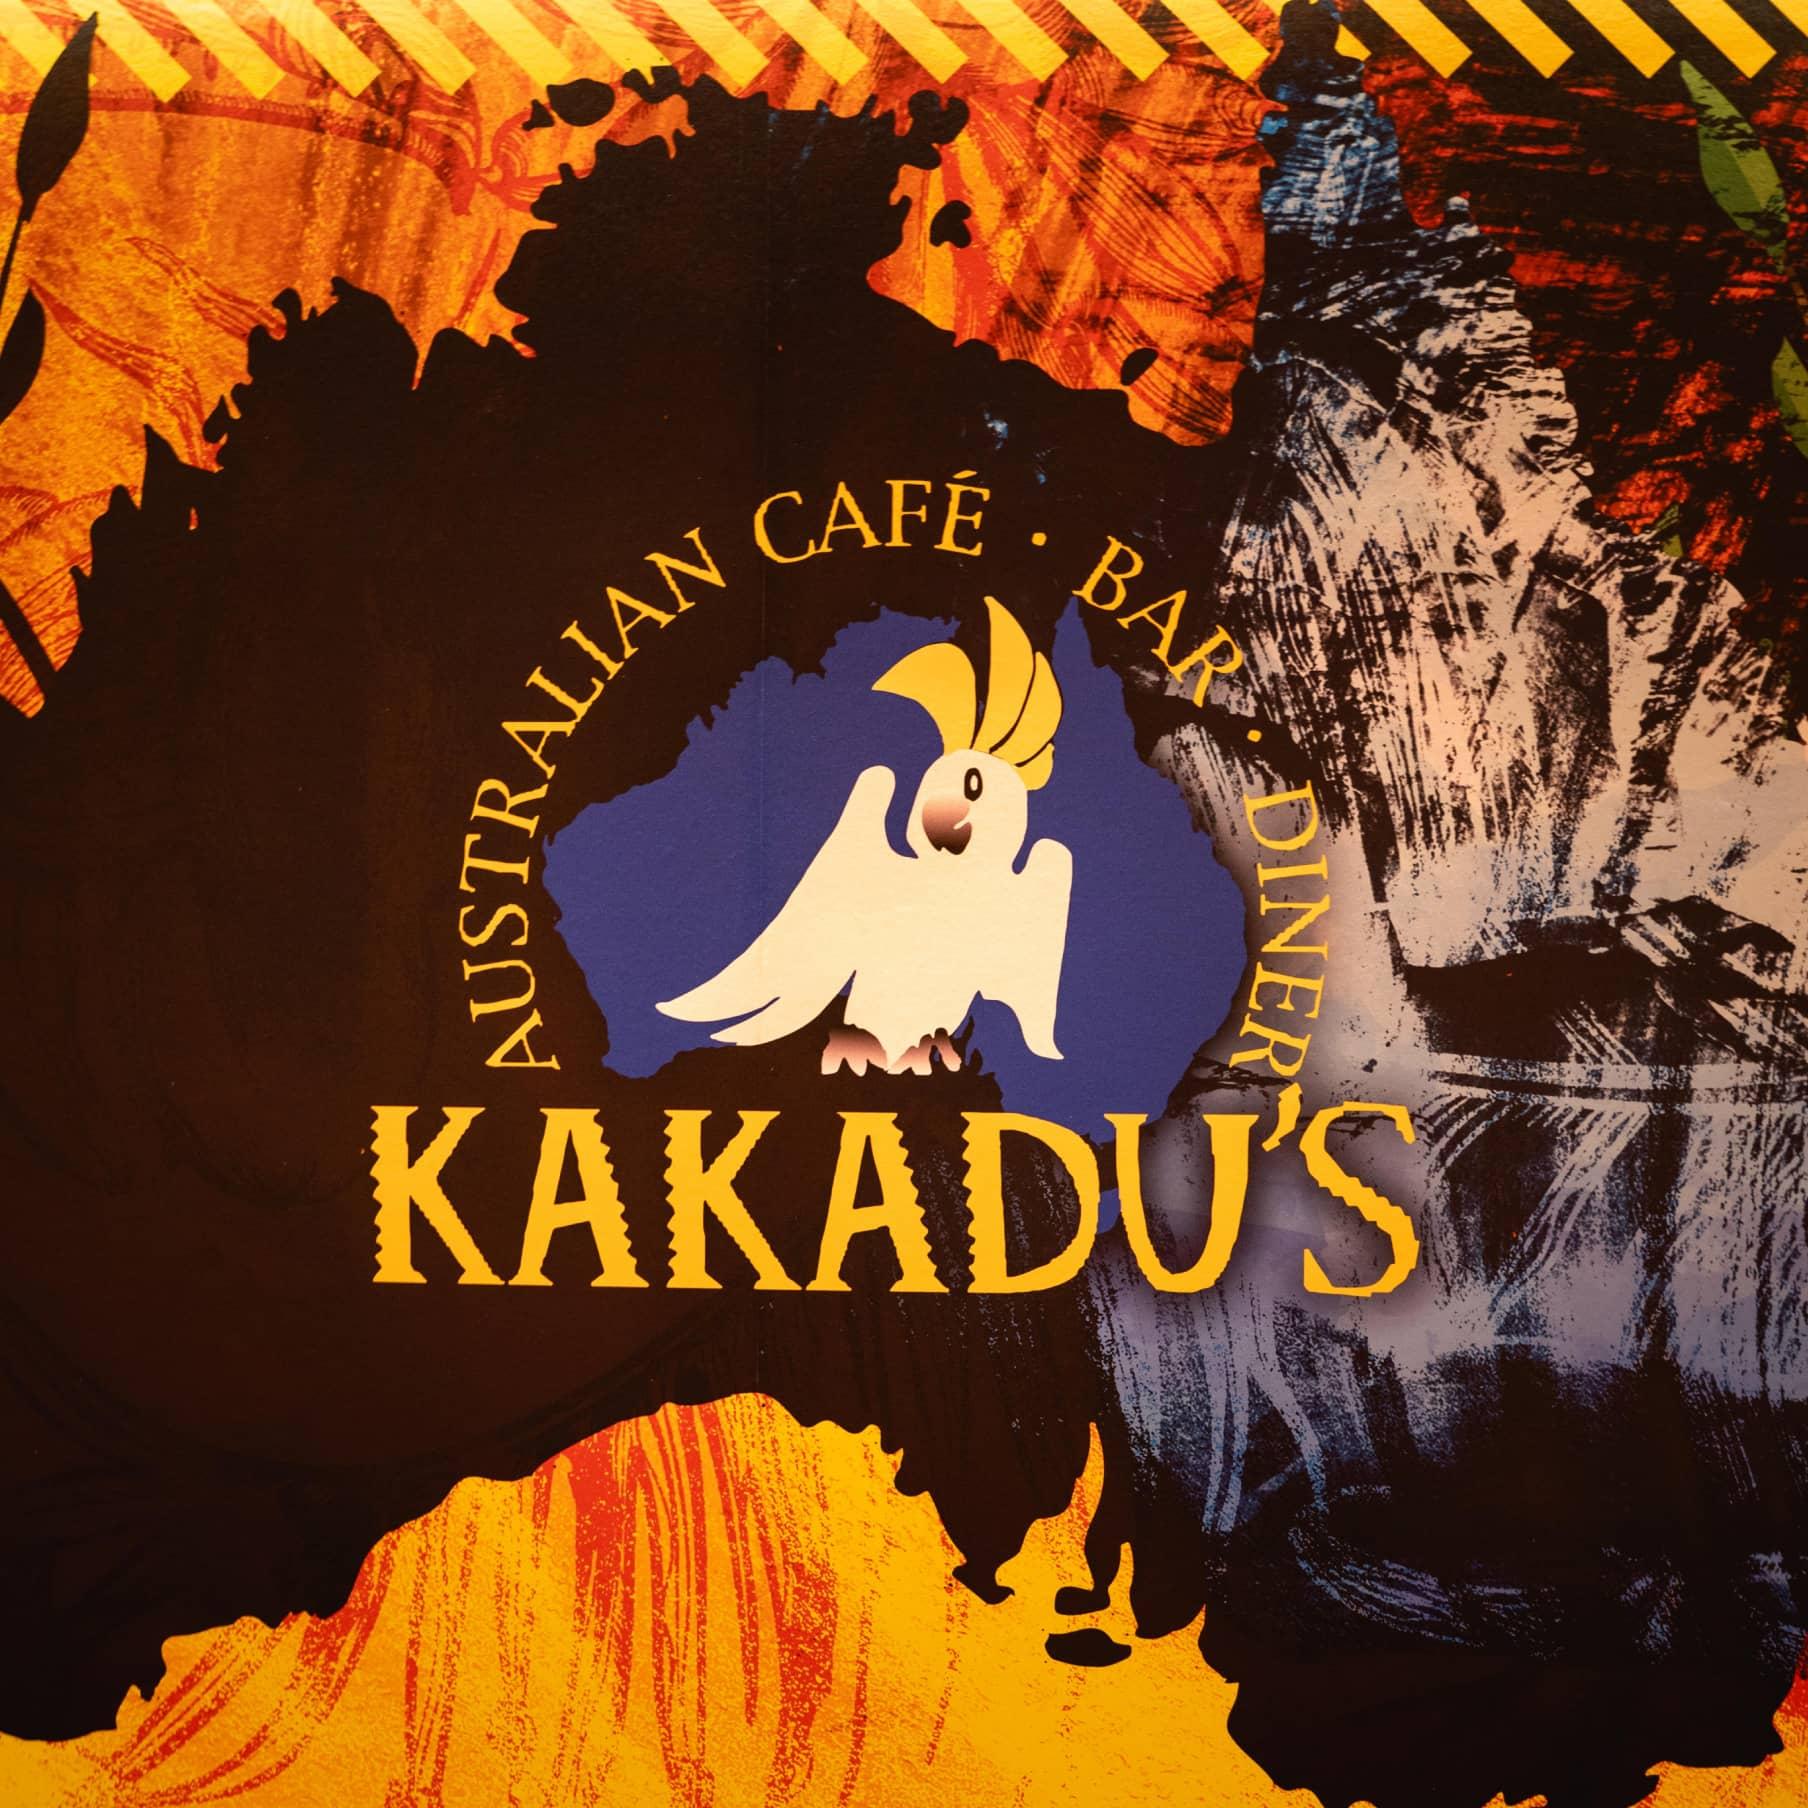 Kakadus Logo auf australischen Hintergrund